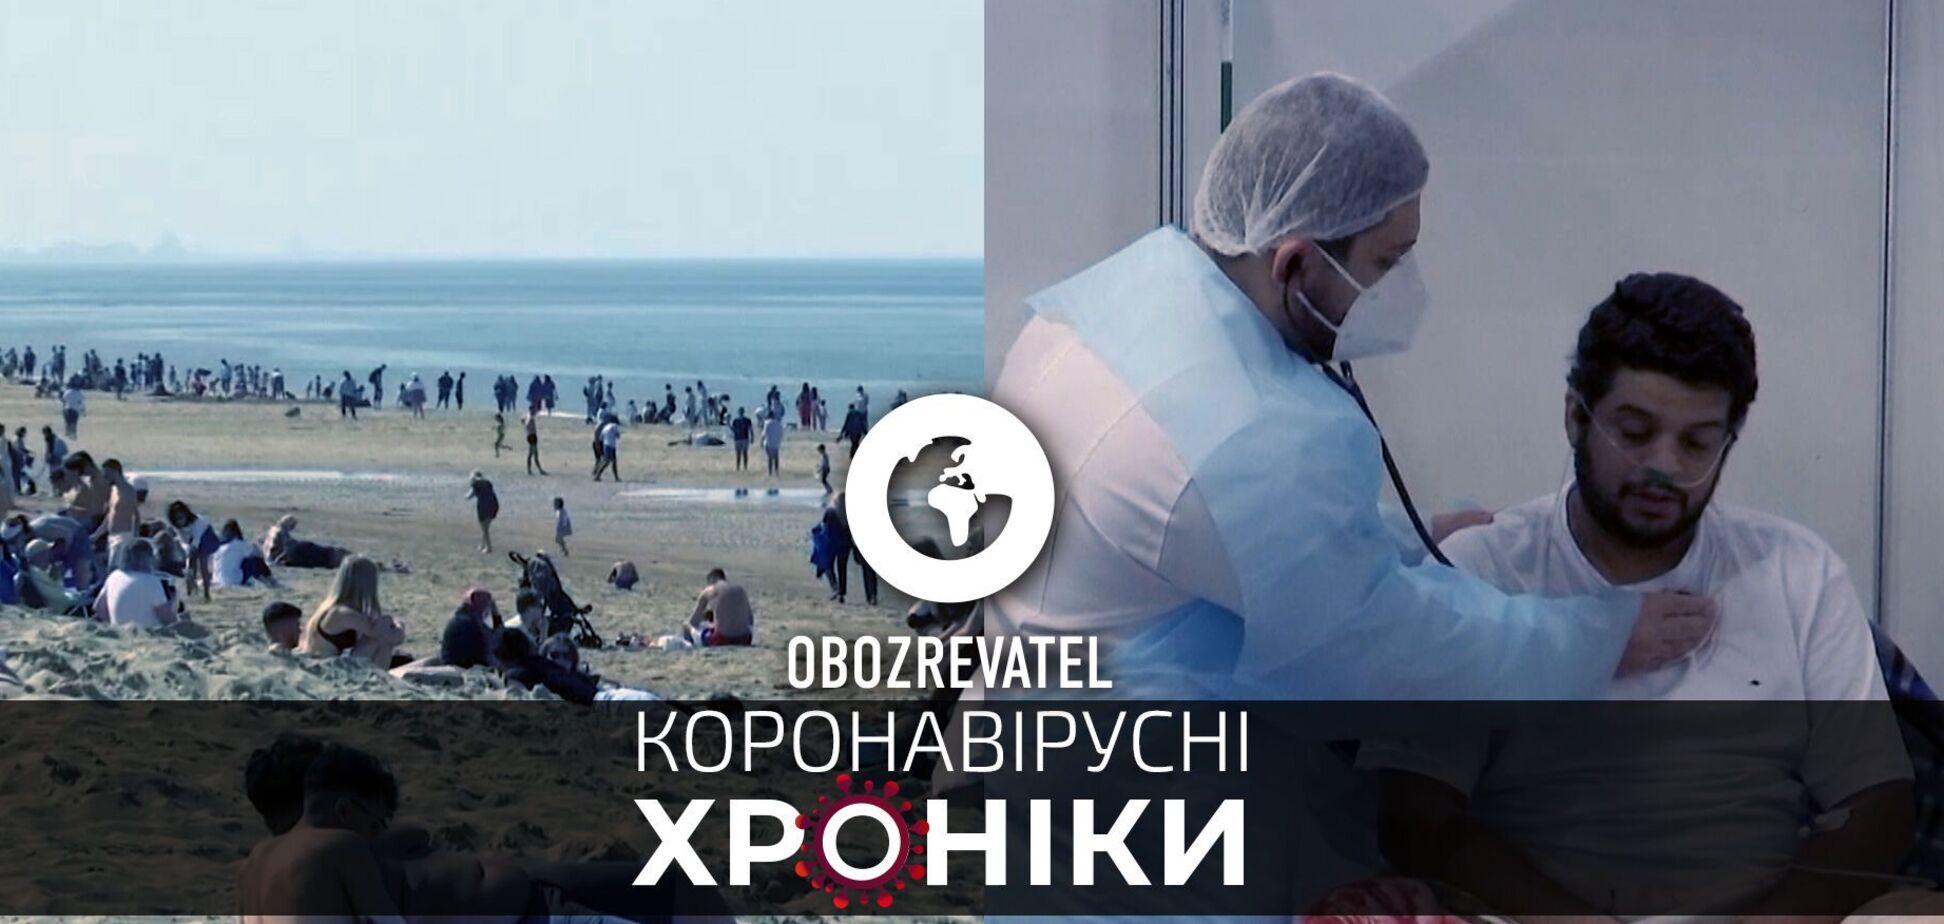 Бельгія відкриває кордони для туристів, а у Бразилії не вистачає ліків для боротьби з COVID-19 – коронавірусні хроніки